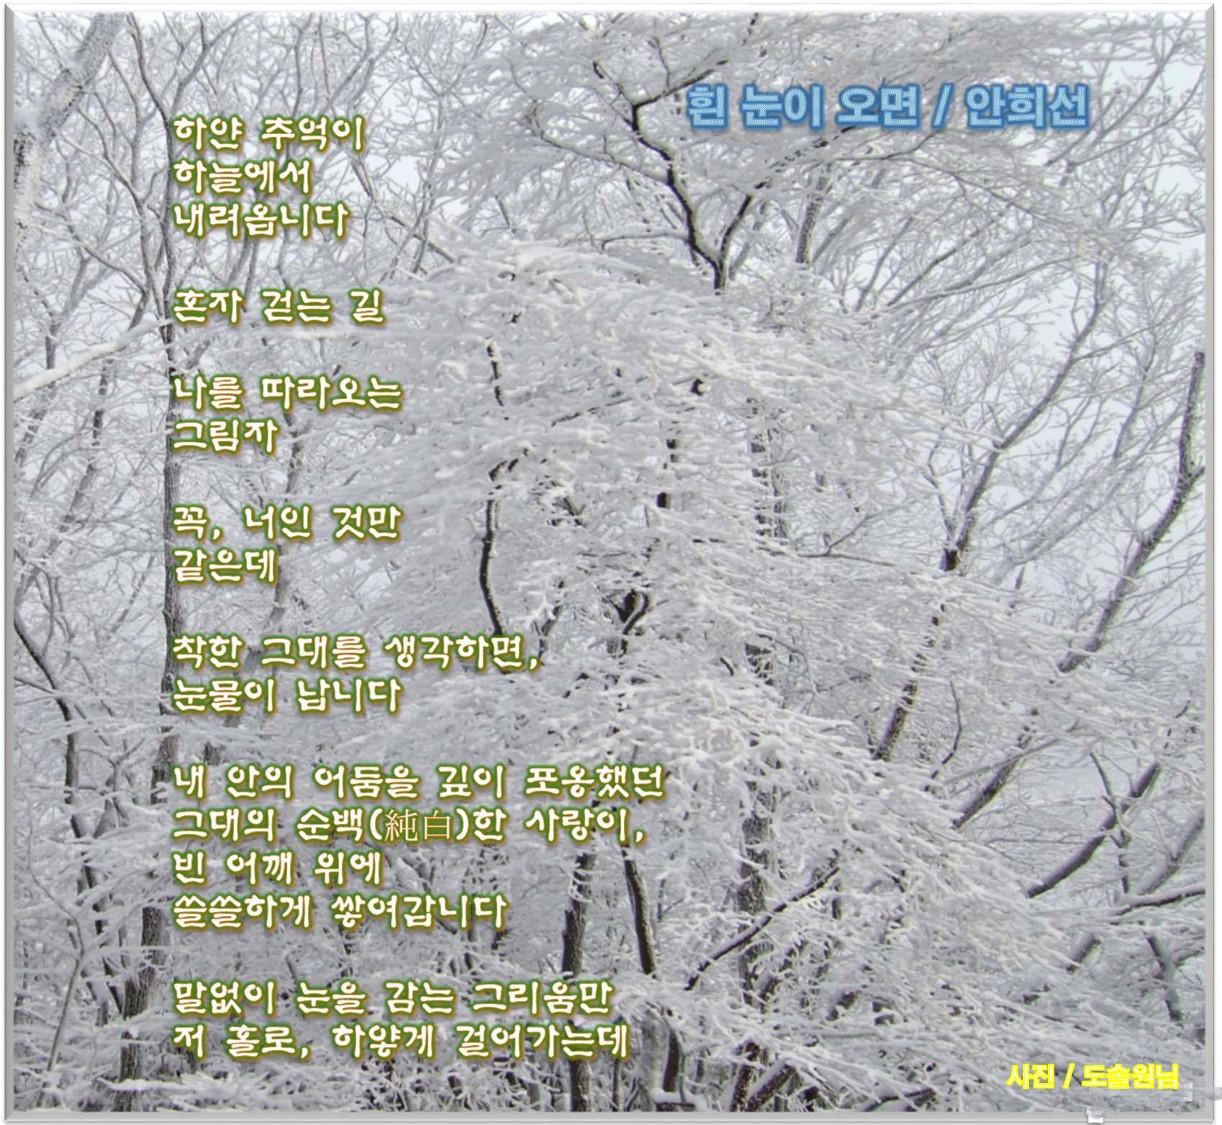 이 글은 파워포인트에서 만든 이미지입니다.  흰 눈이 오면  / 안희선